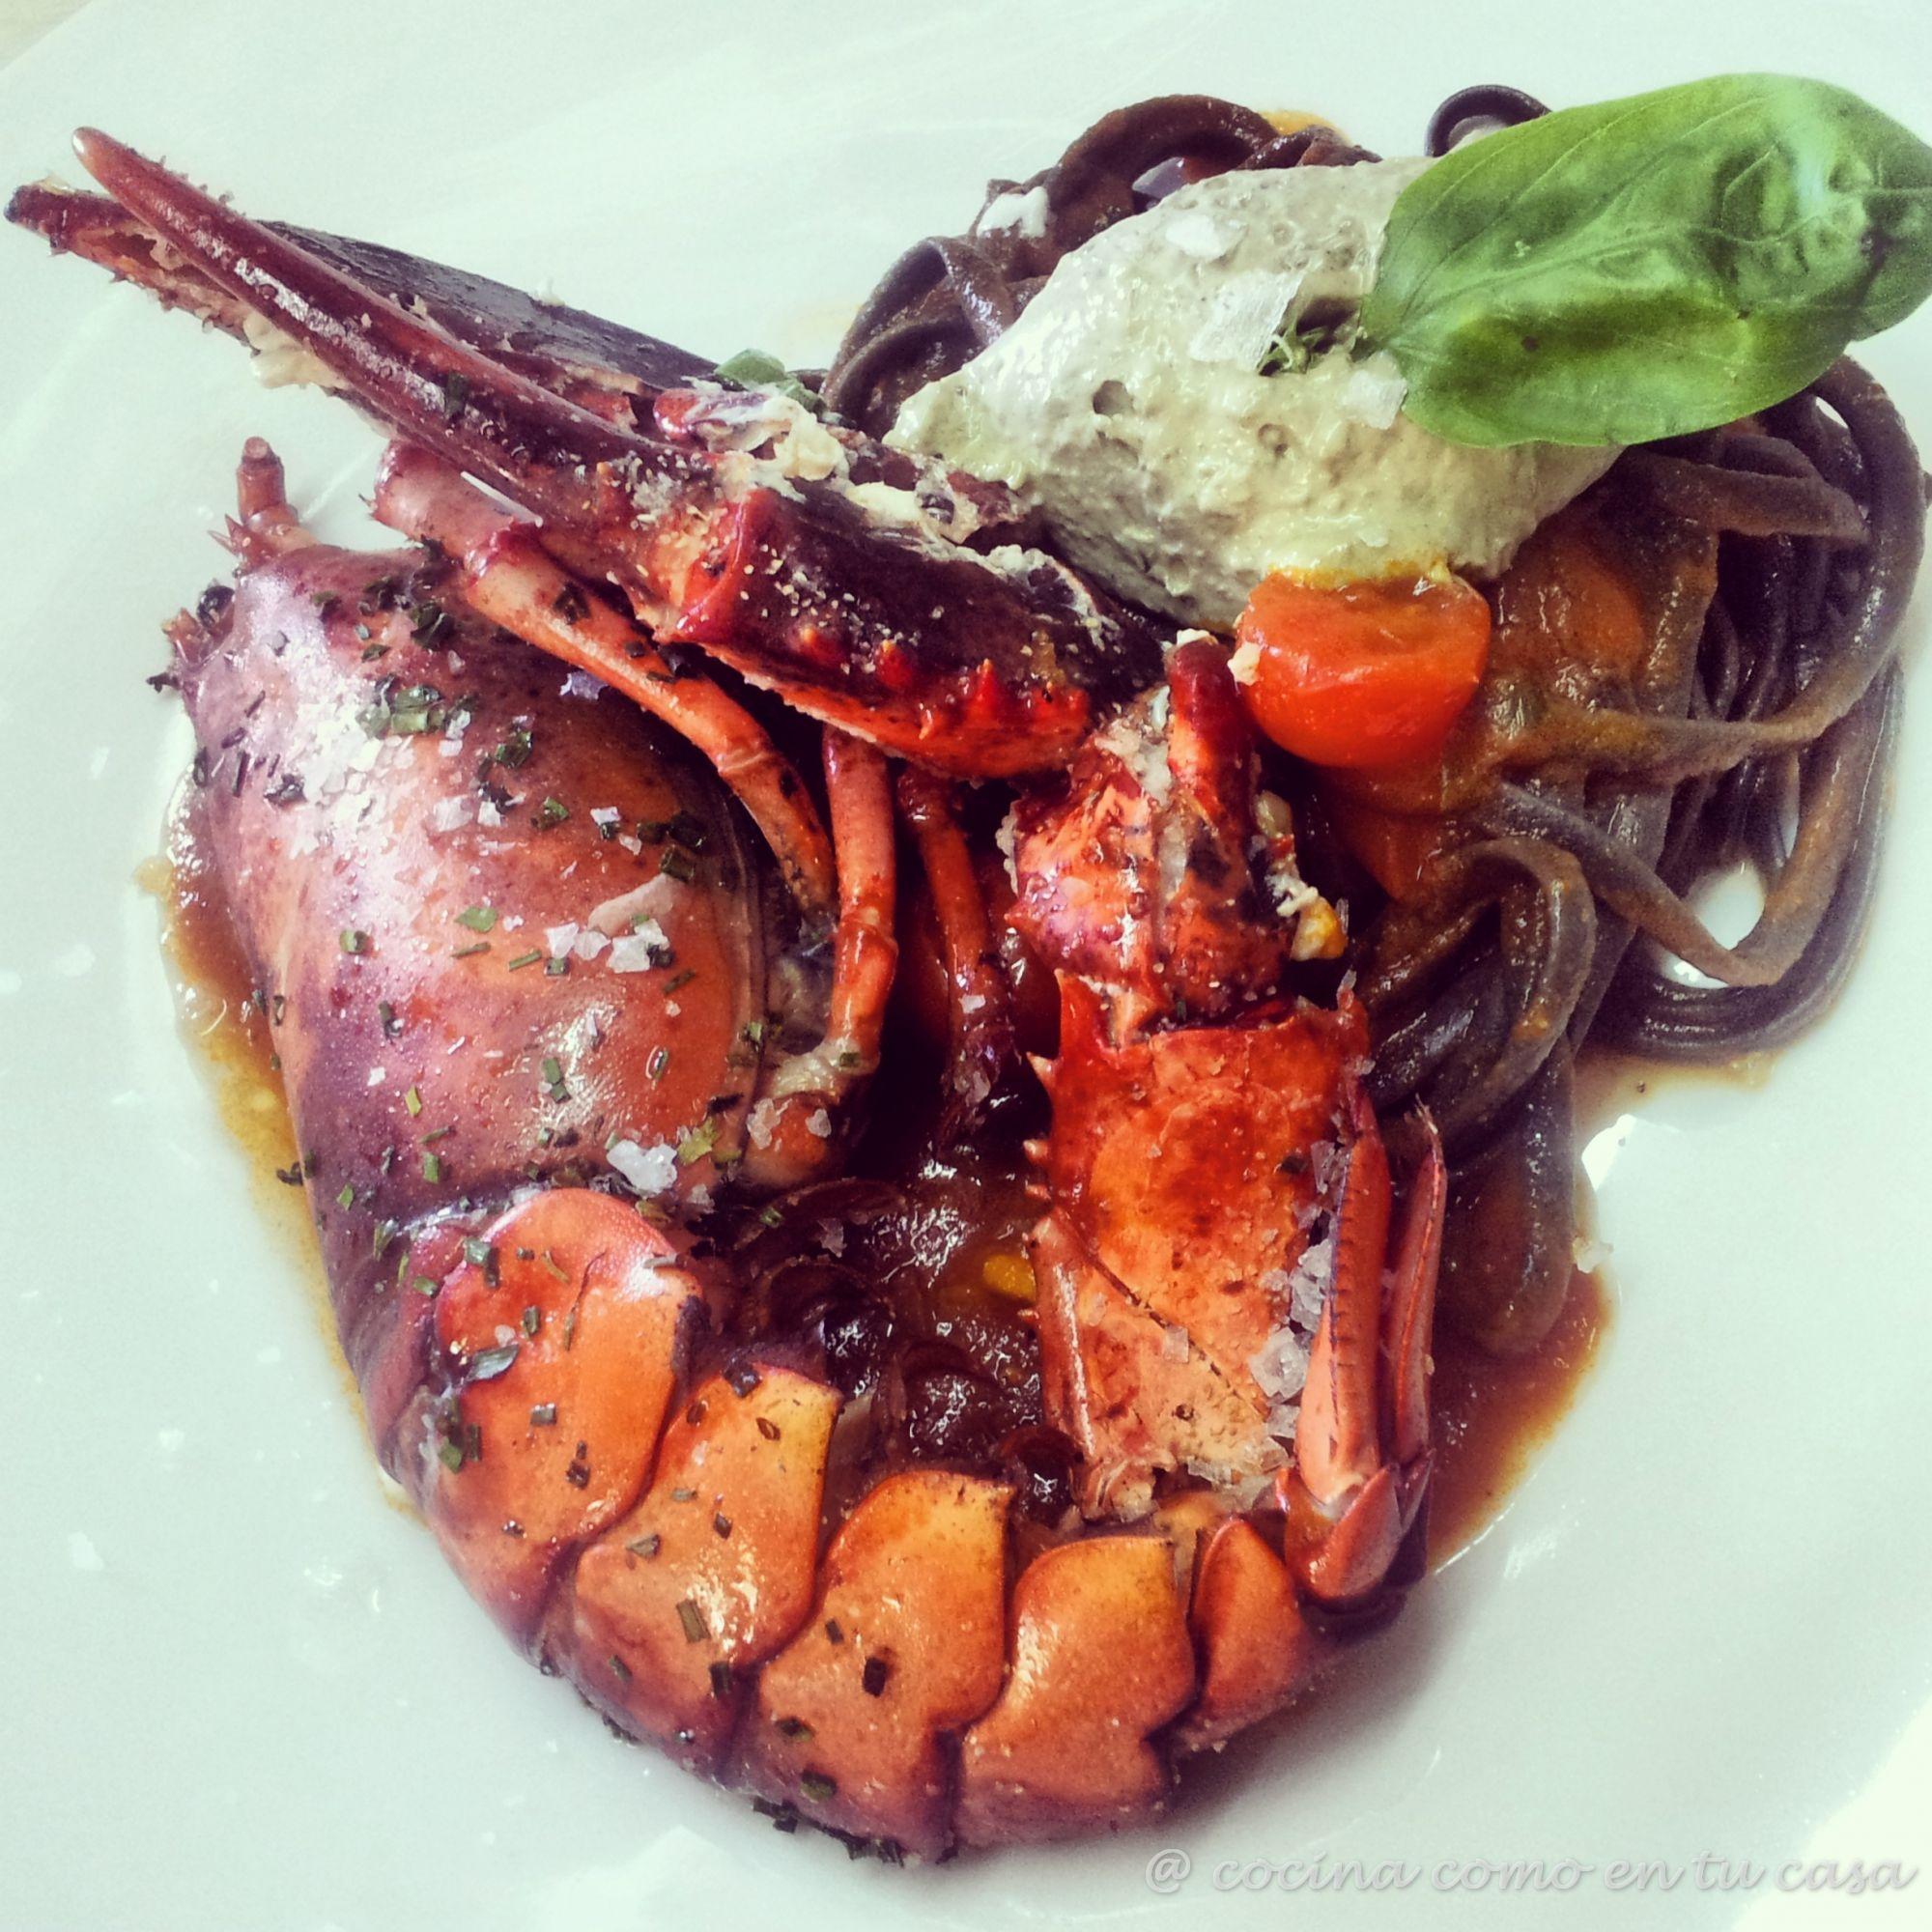 Lobster asado pasta negra en salsa de tomate y mayonesa - Salsa de tomate y nata ...